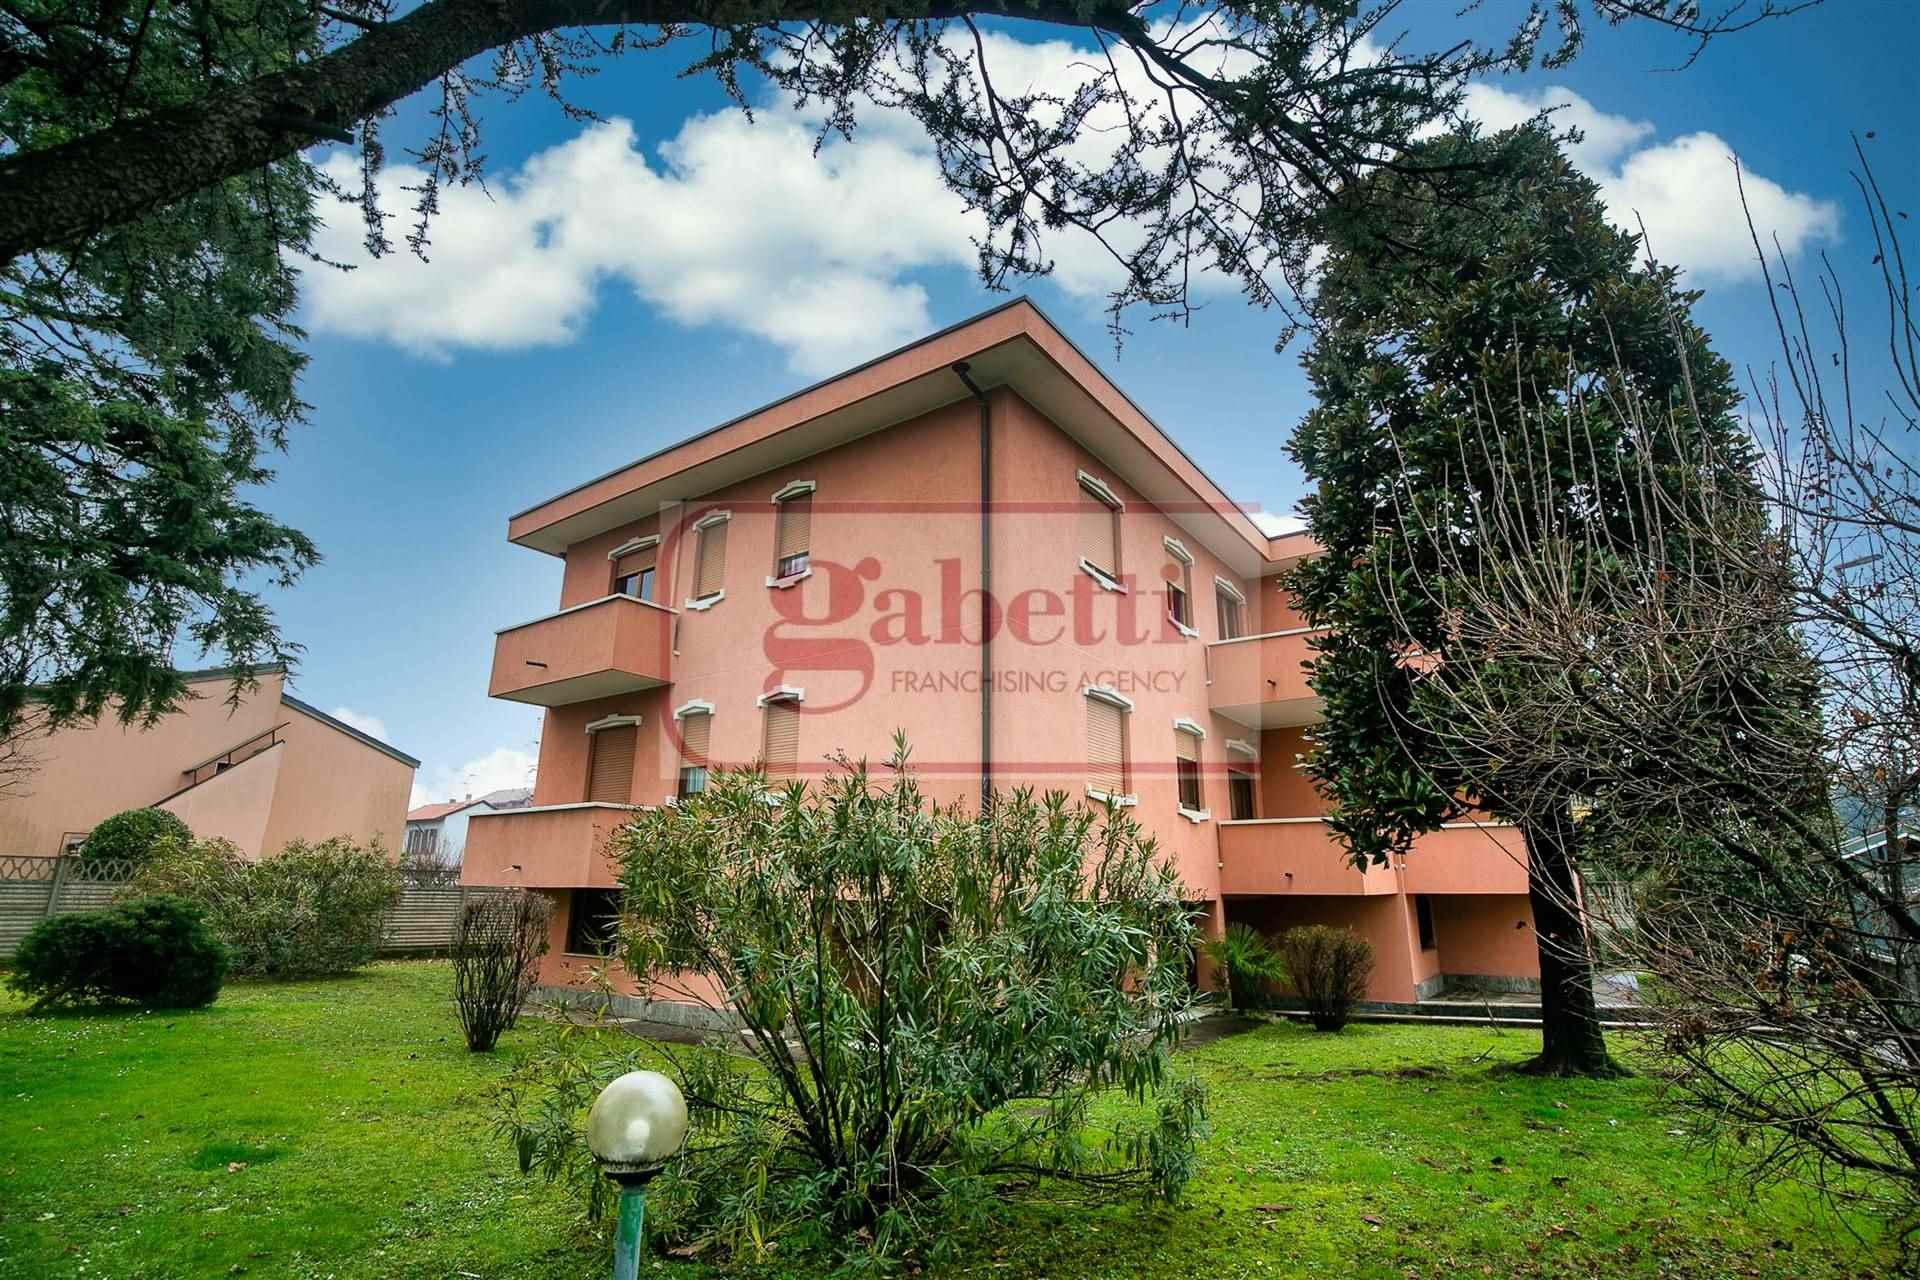 Appartamento in vendita a Paderno Dugnano, 3 locali, zona Località: INCIRANO, prezzo € 195.000 | CambioCasa.it